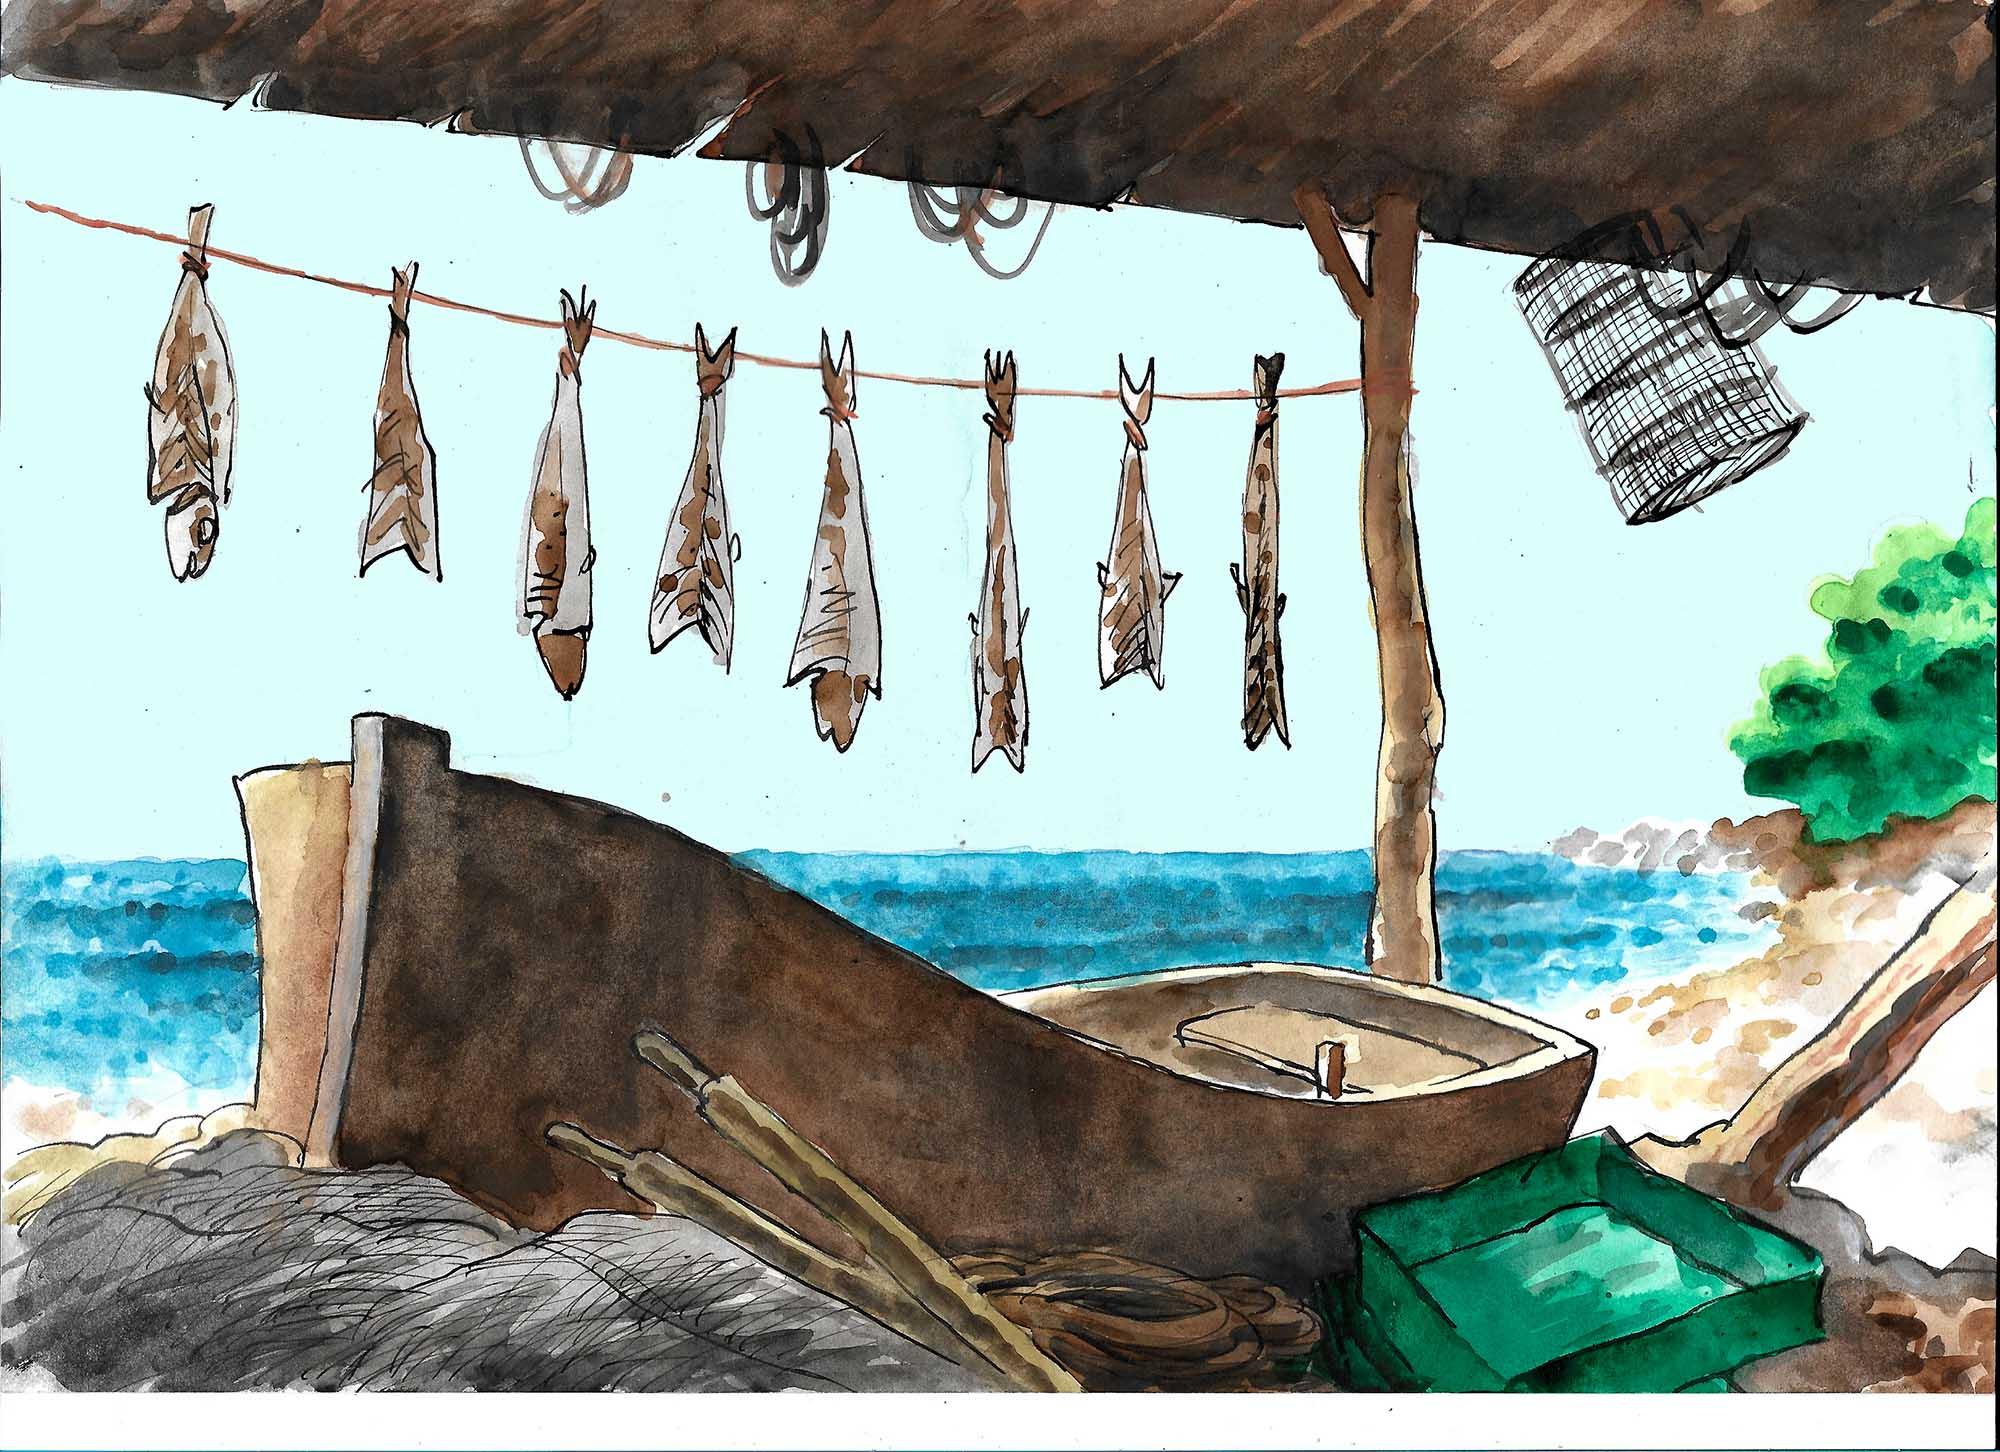 Natječaj za Mjeru 2.1 promicanje društvene dobrobiti i kulturne baštine u područjima ribarstva i akvakulture